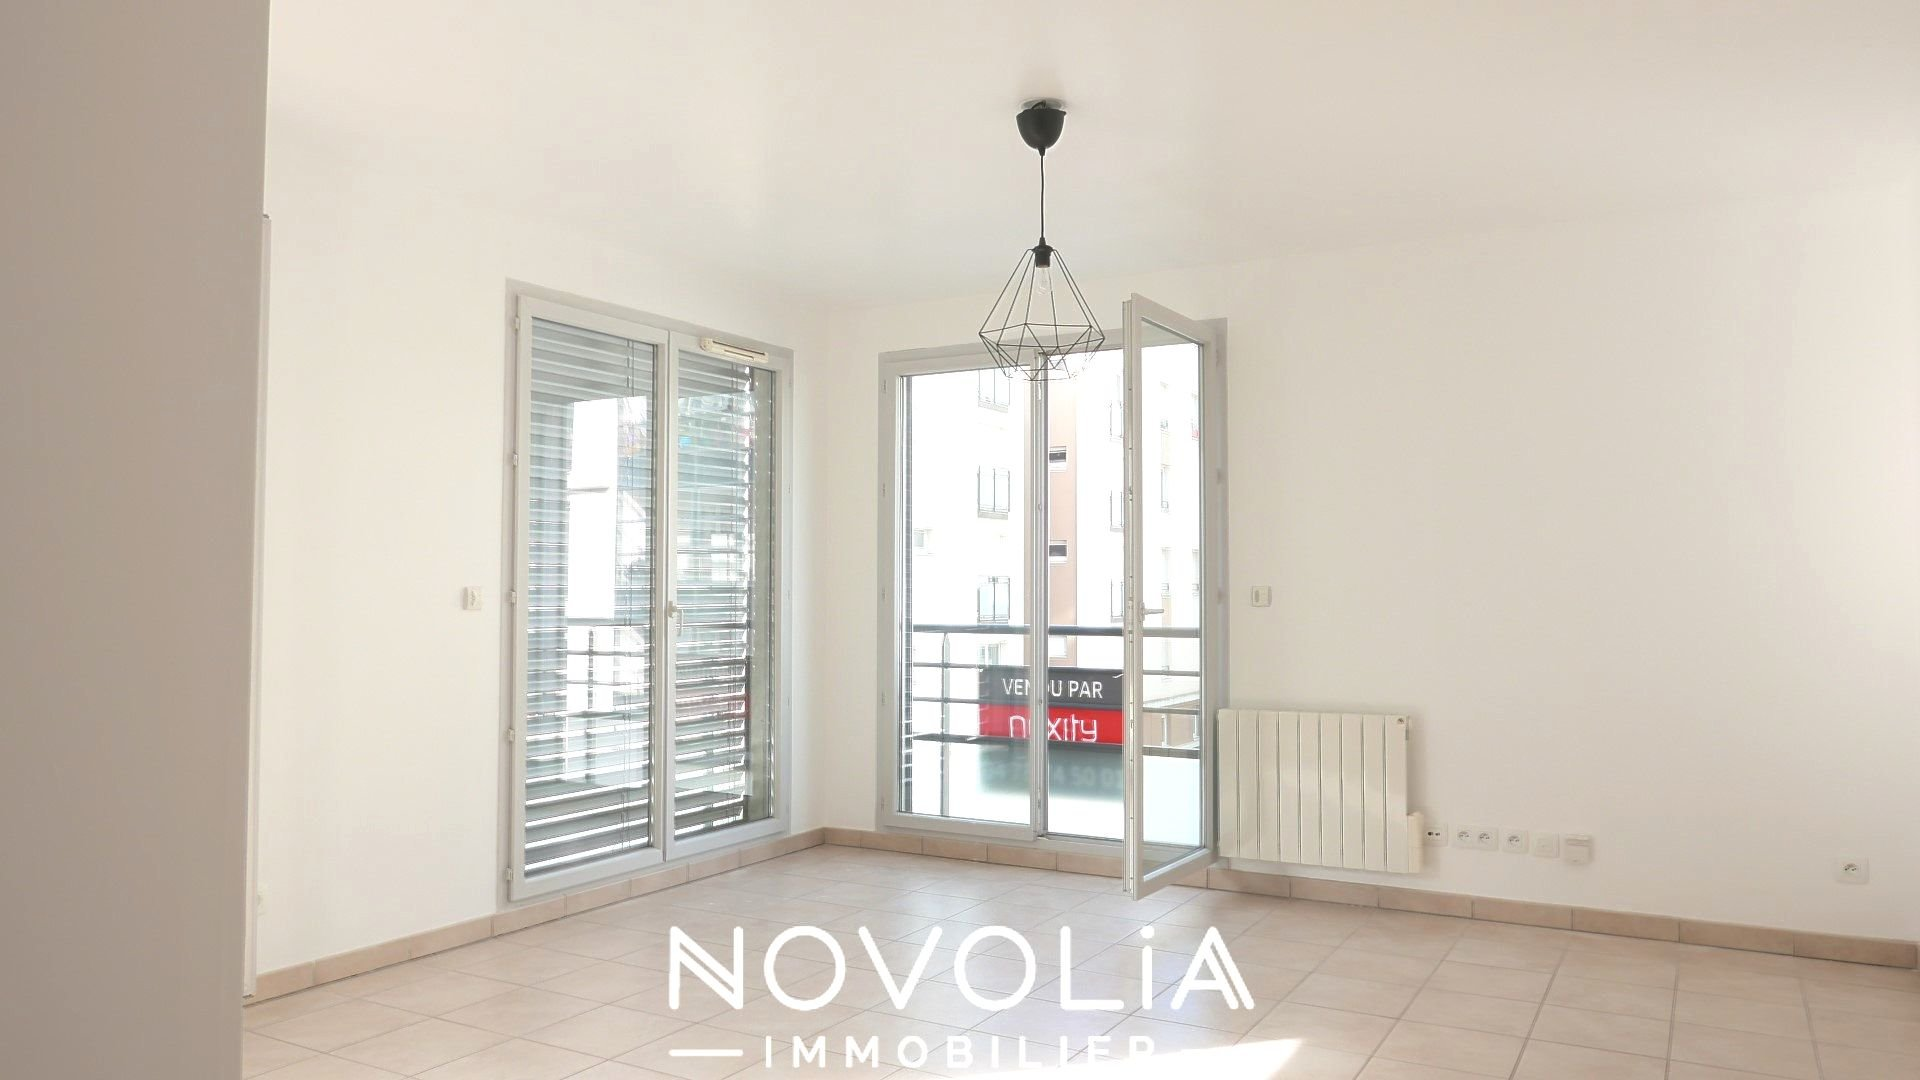 Achat Appartement Surface de 61 m², 3 pièces, Lyon 7ème (69007)